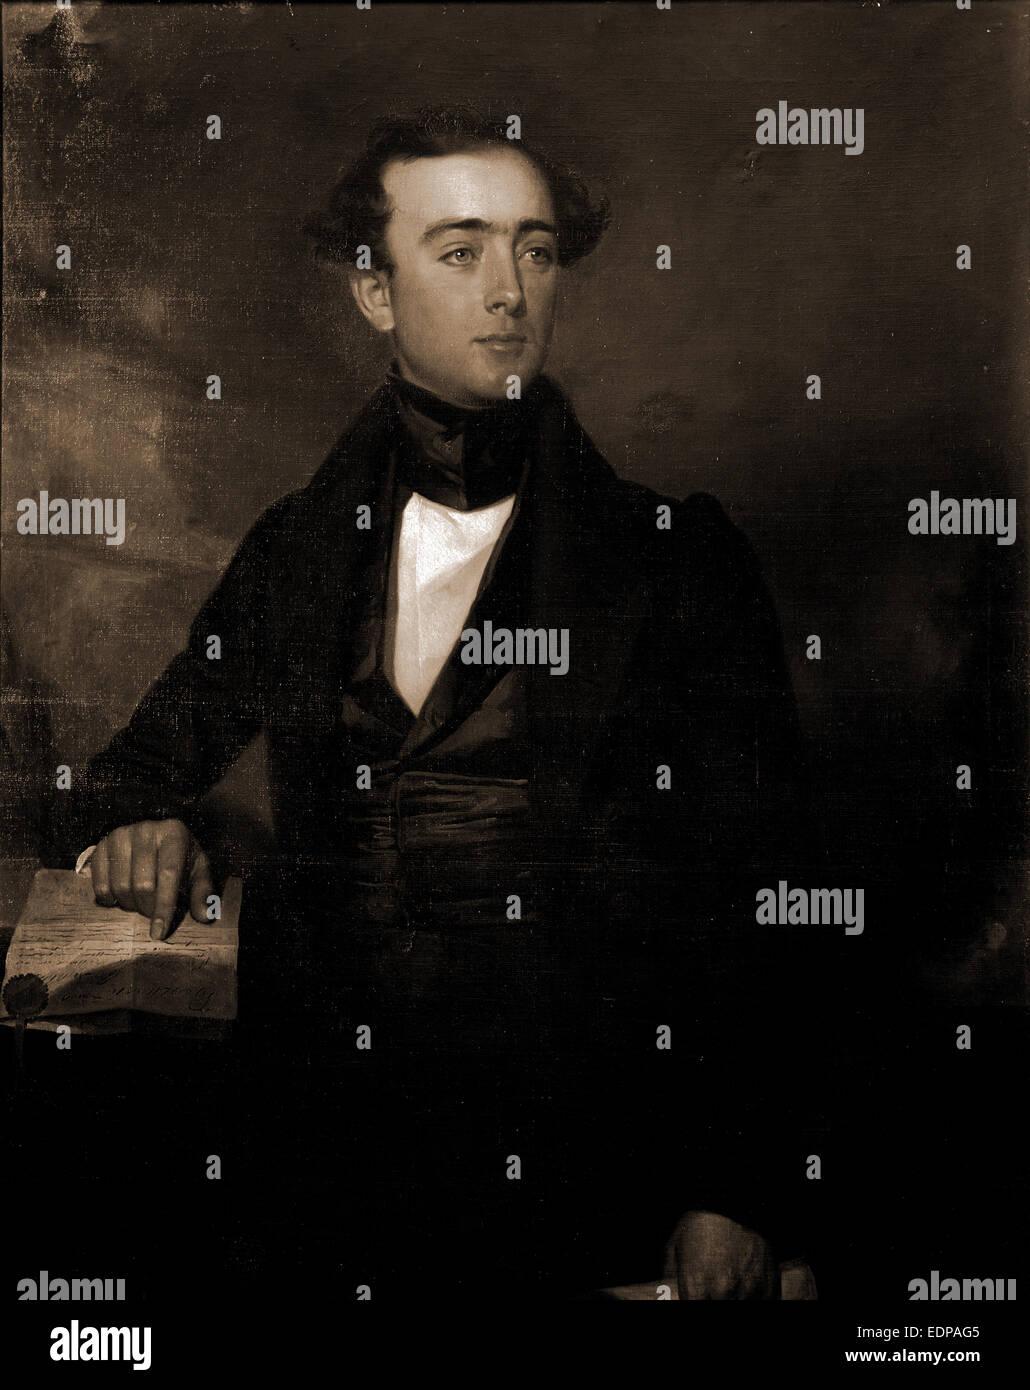 Stevens Thomson Mason, Mason, Stevens Thomson, 1811-1843, 1900 - Stock Image